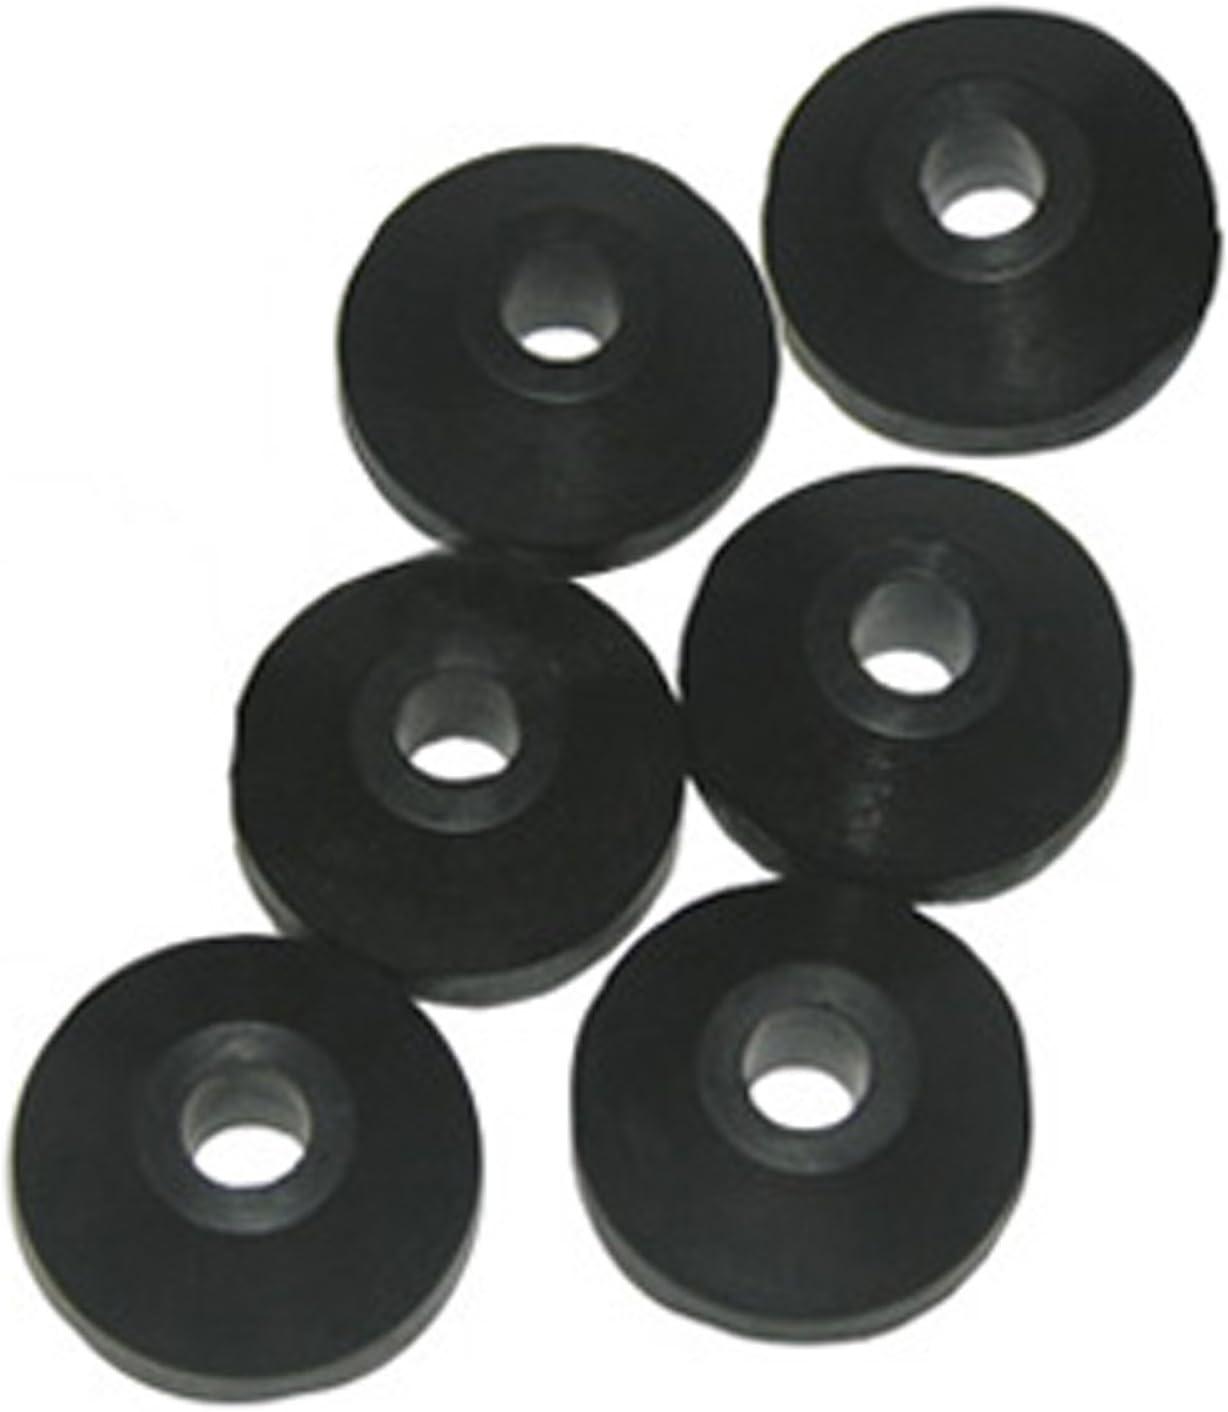 5pcs 1//2 beveled washer aluminum